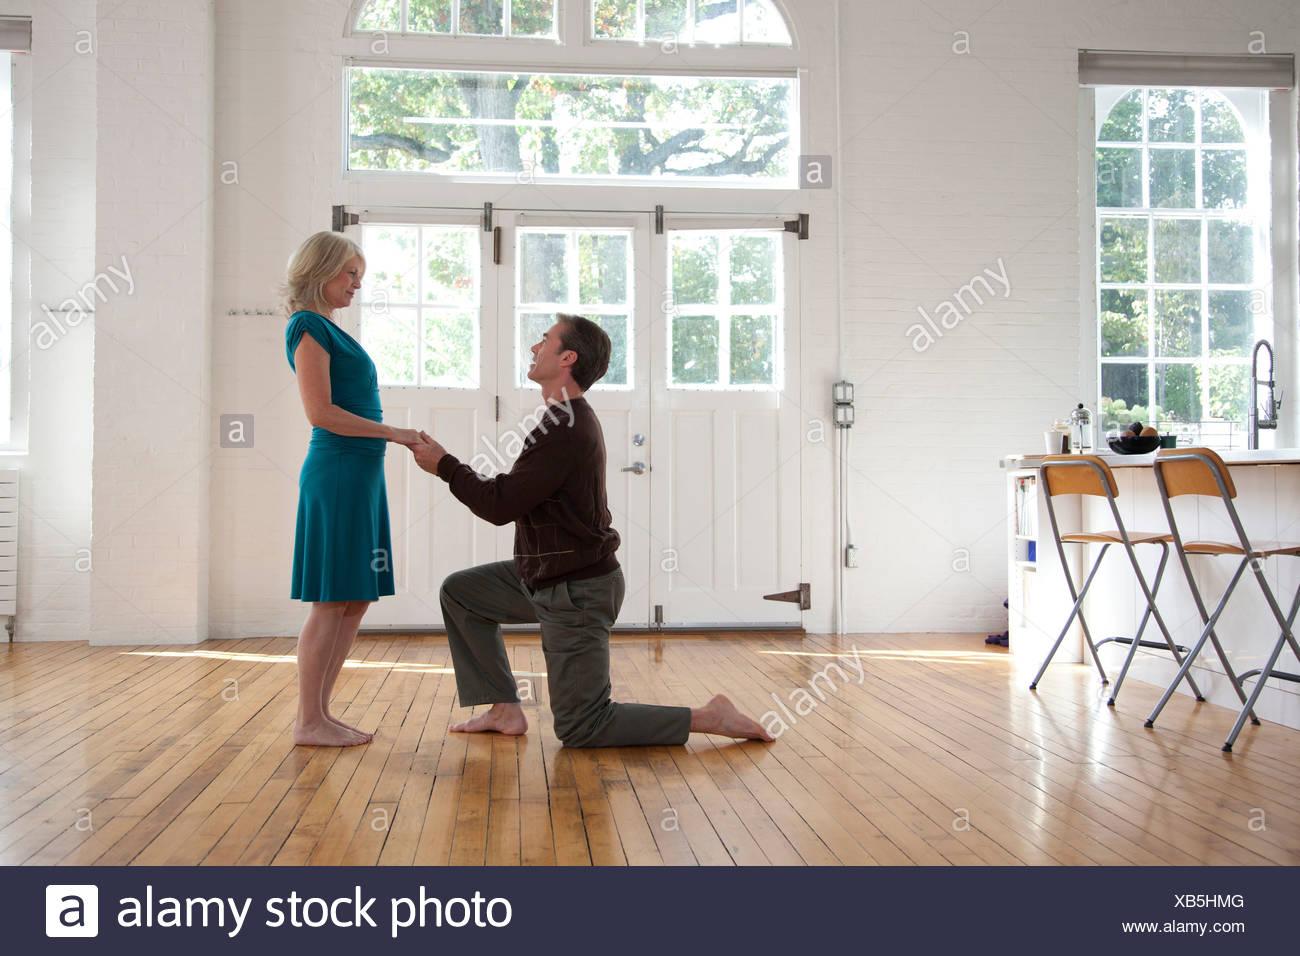 Pareja de baile, el hombre en una rodilla Imagen De Stock